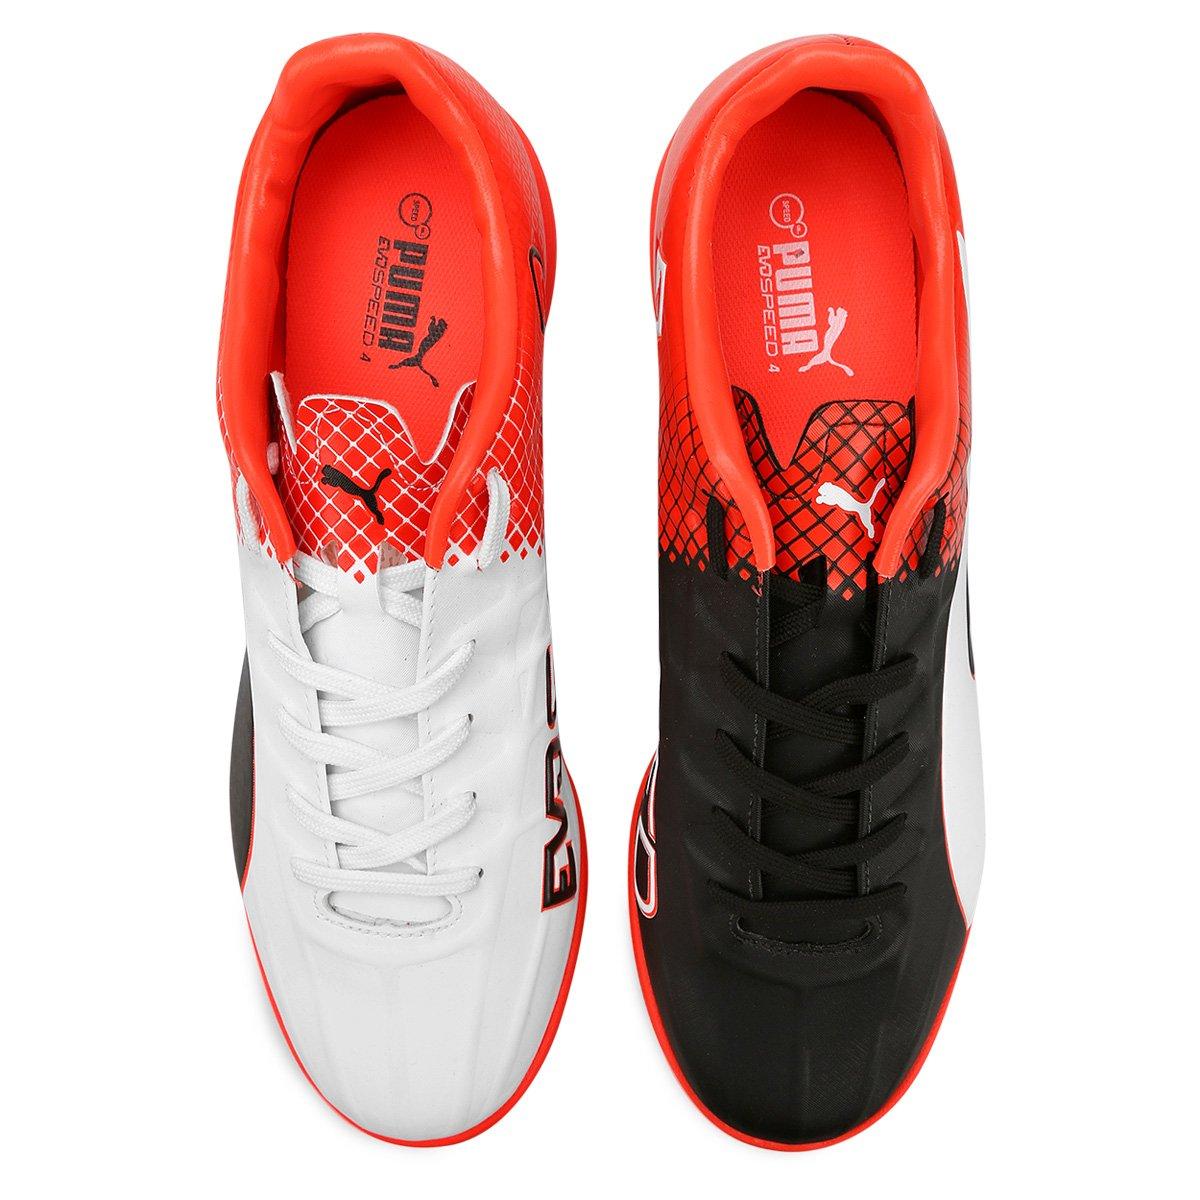 604e1ce00a Chuteira Puma Evospeed 4.5 Tricks IT BDP Futsal - Preto e Vermelho ...